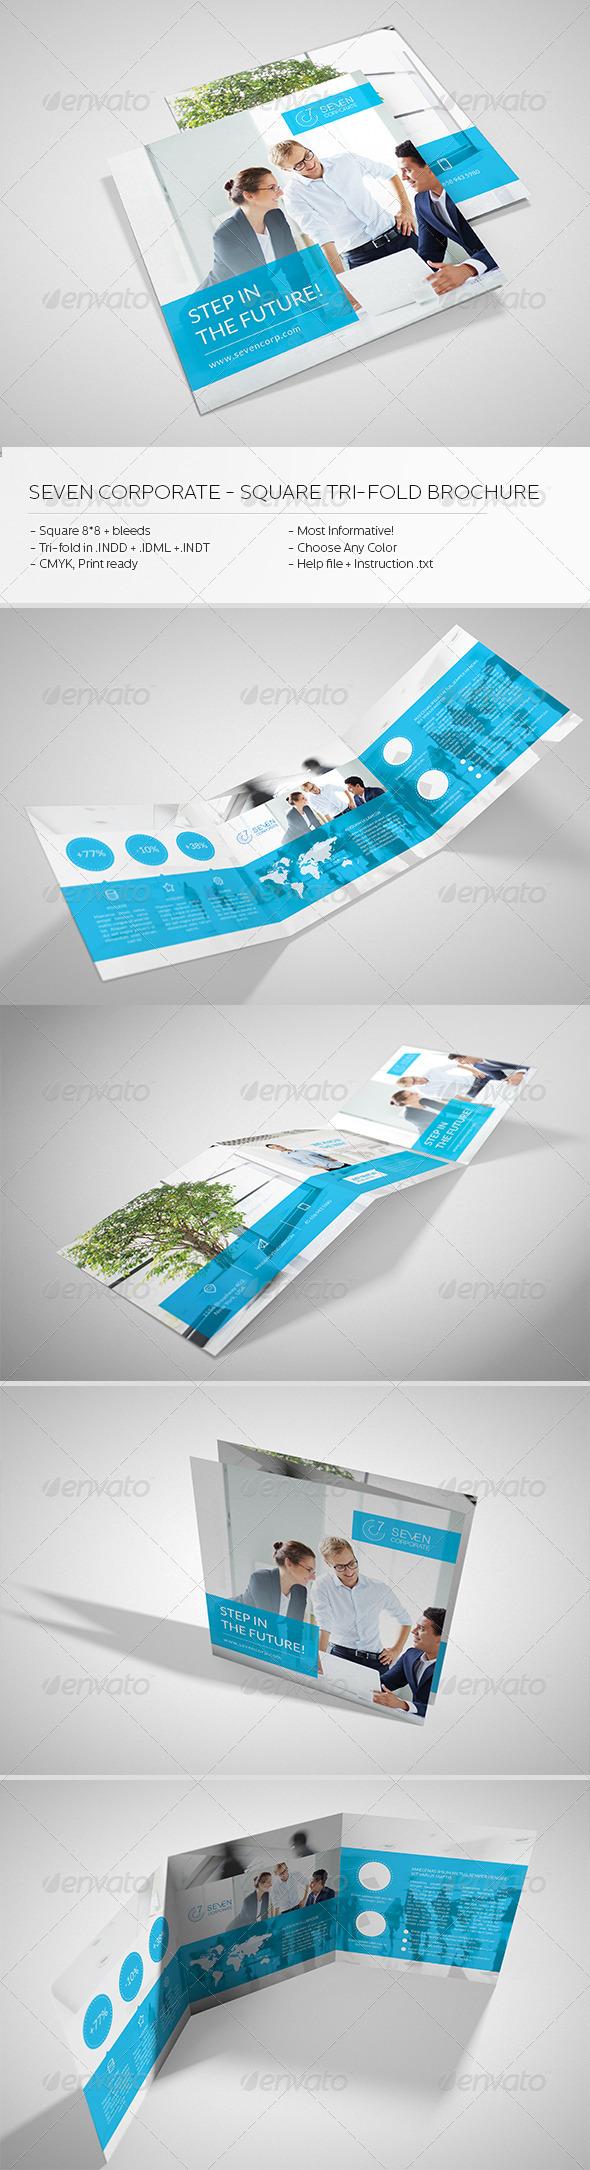 GraphicRiver Square Corporate Tri-fold Brochure 6705158